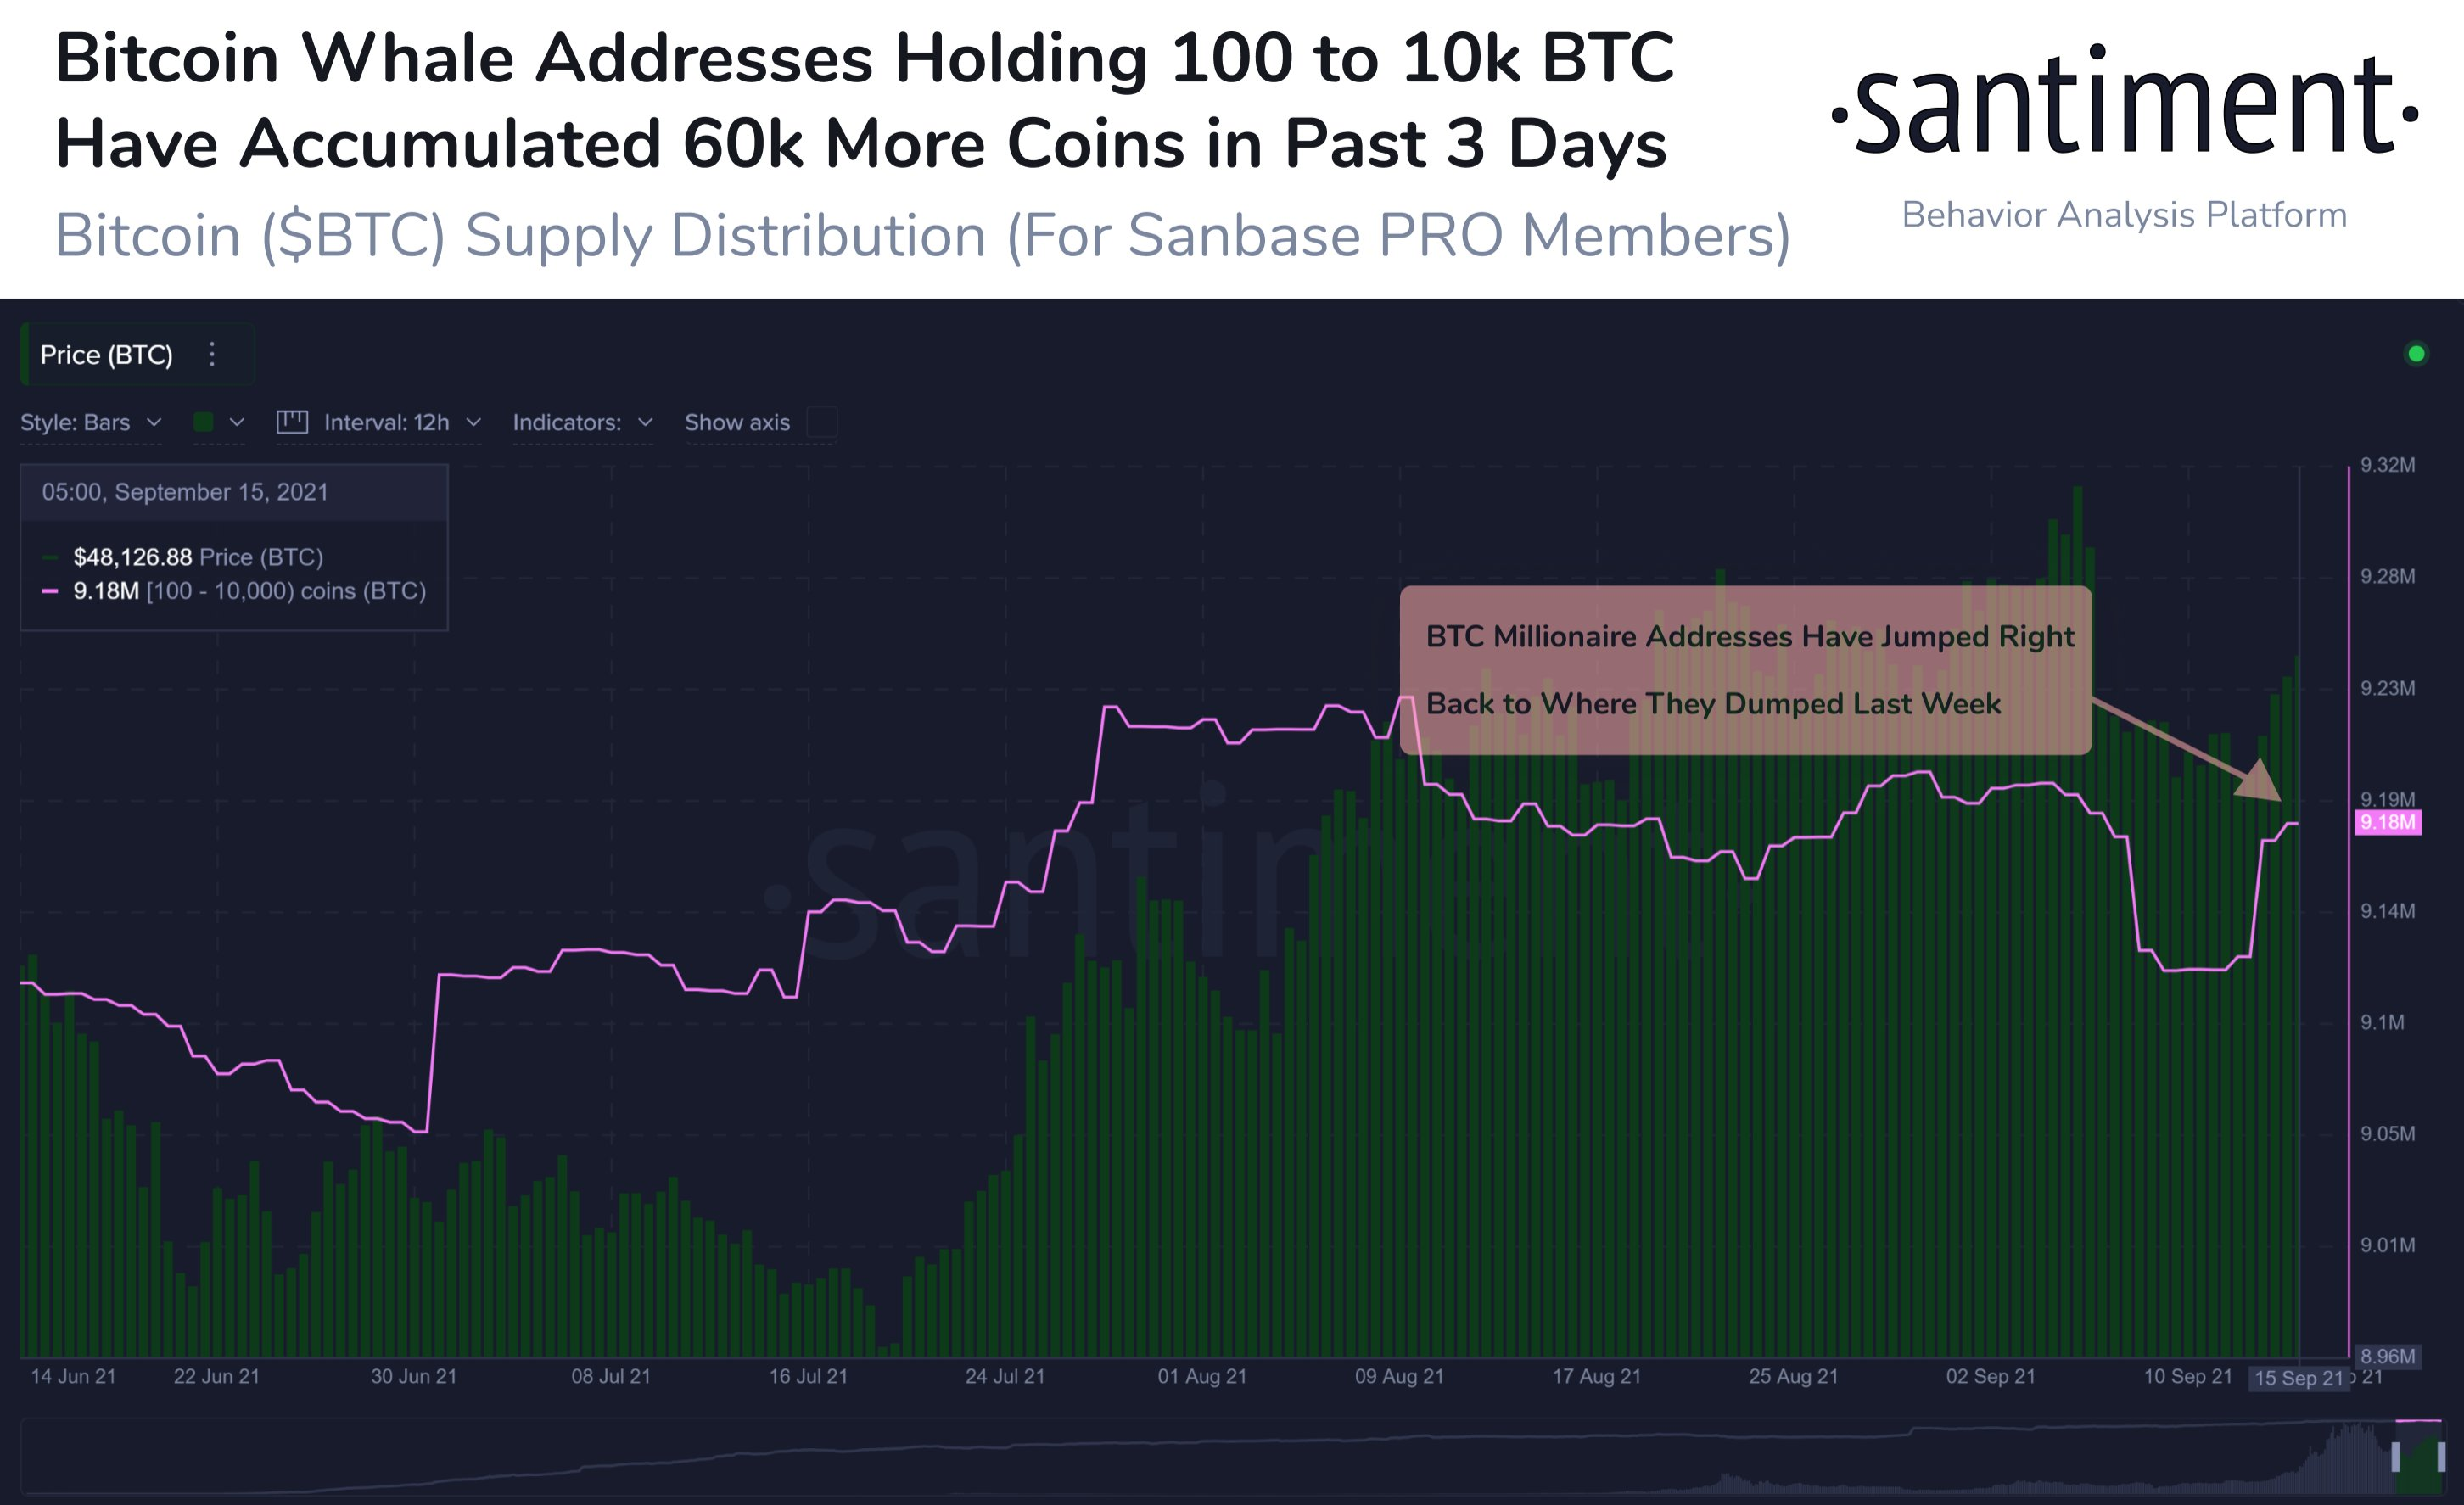 Accumulation de Bitcoin par les grands investisseurs de portefeuille